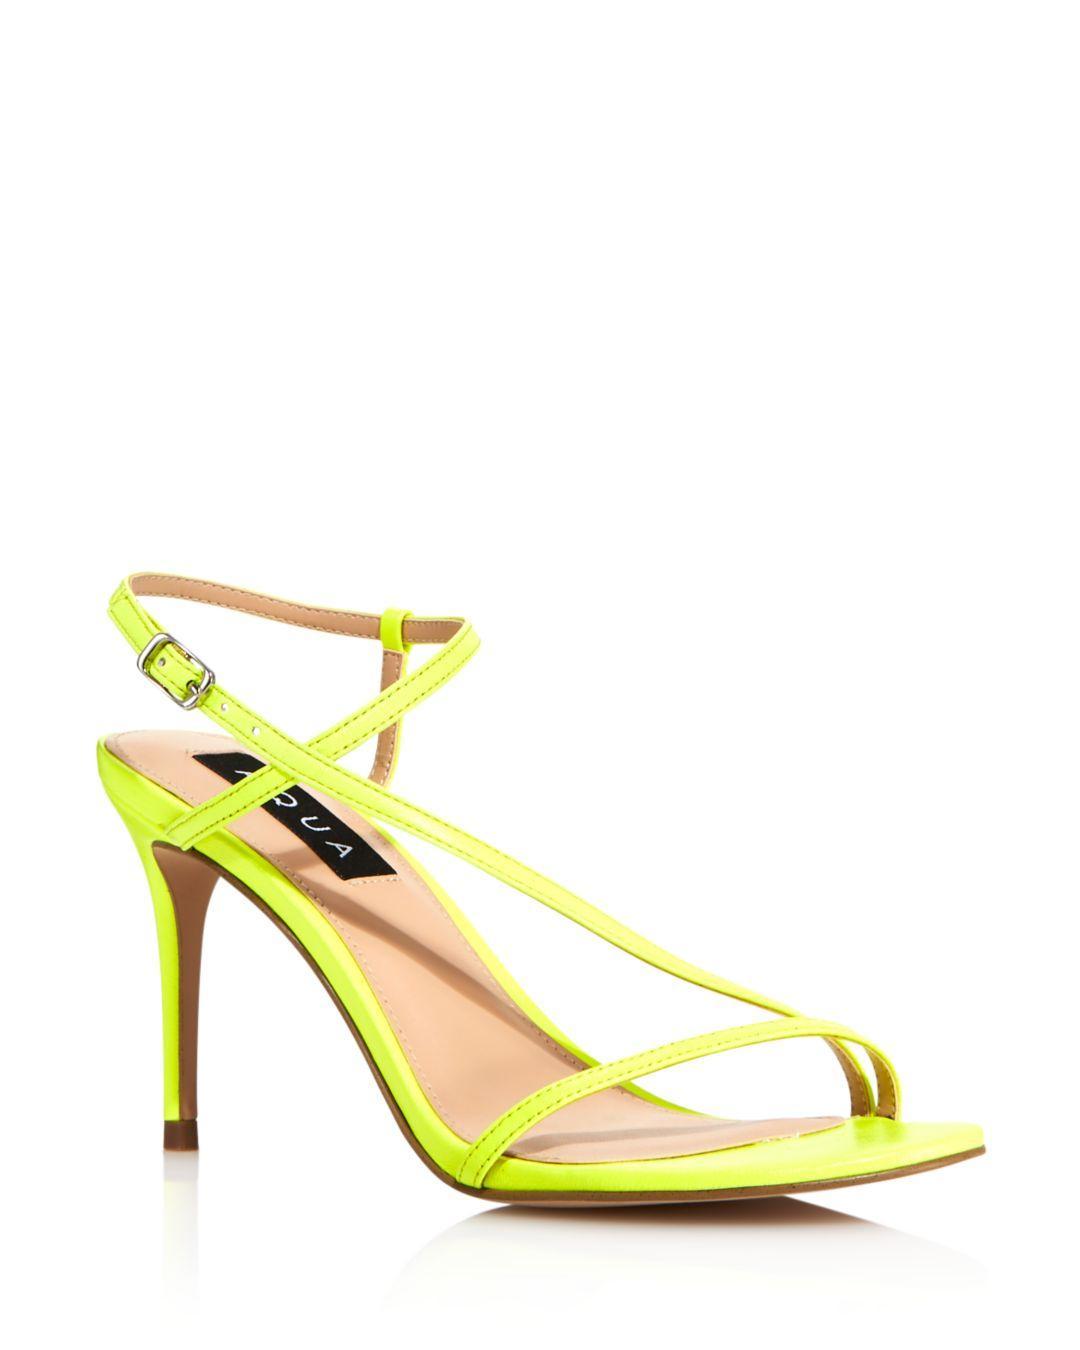 b2570bec8b9 Lyst - Aqua Women s Ron High-heel Sandals in Yellow